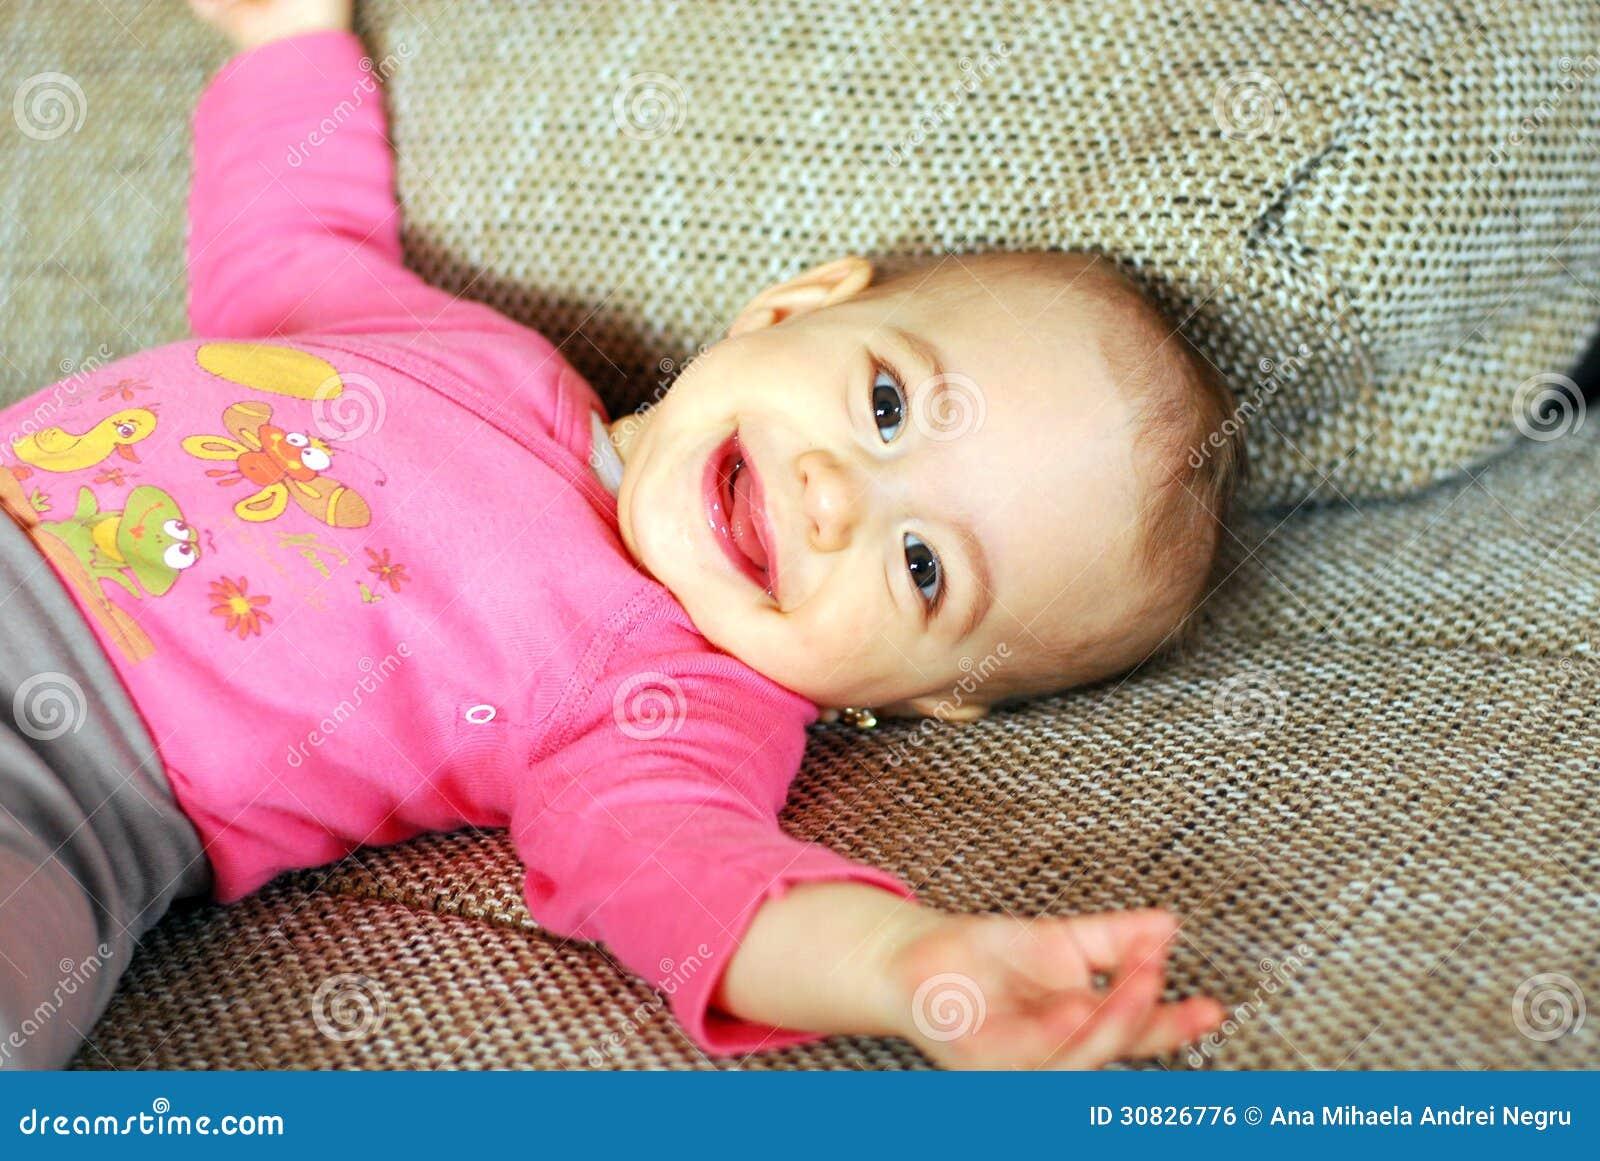 Risata amata sana felice della neonata